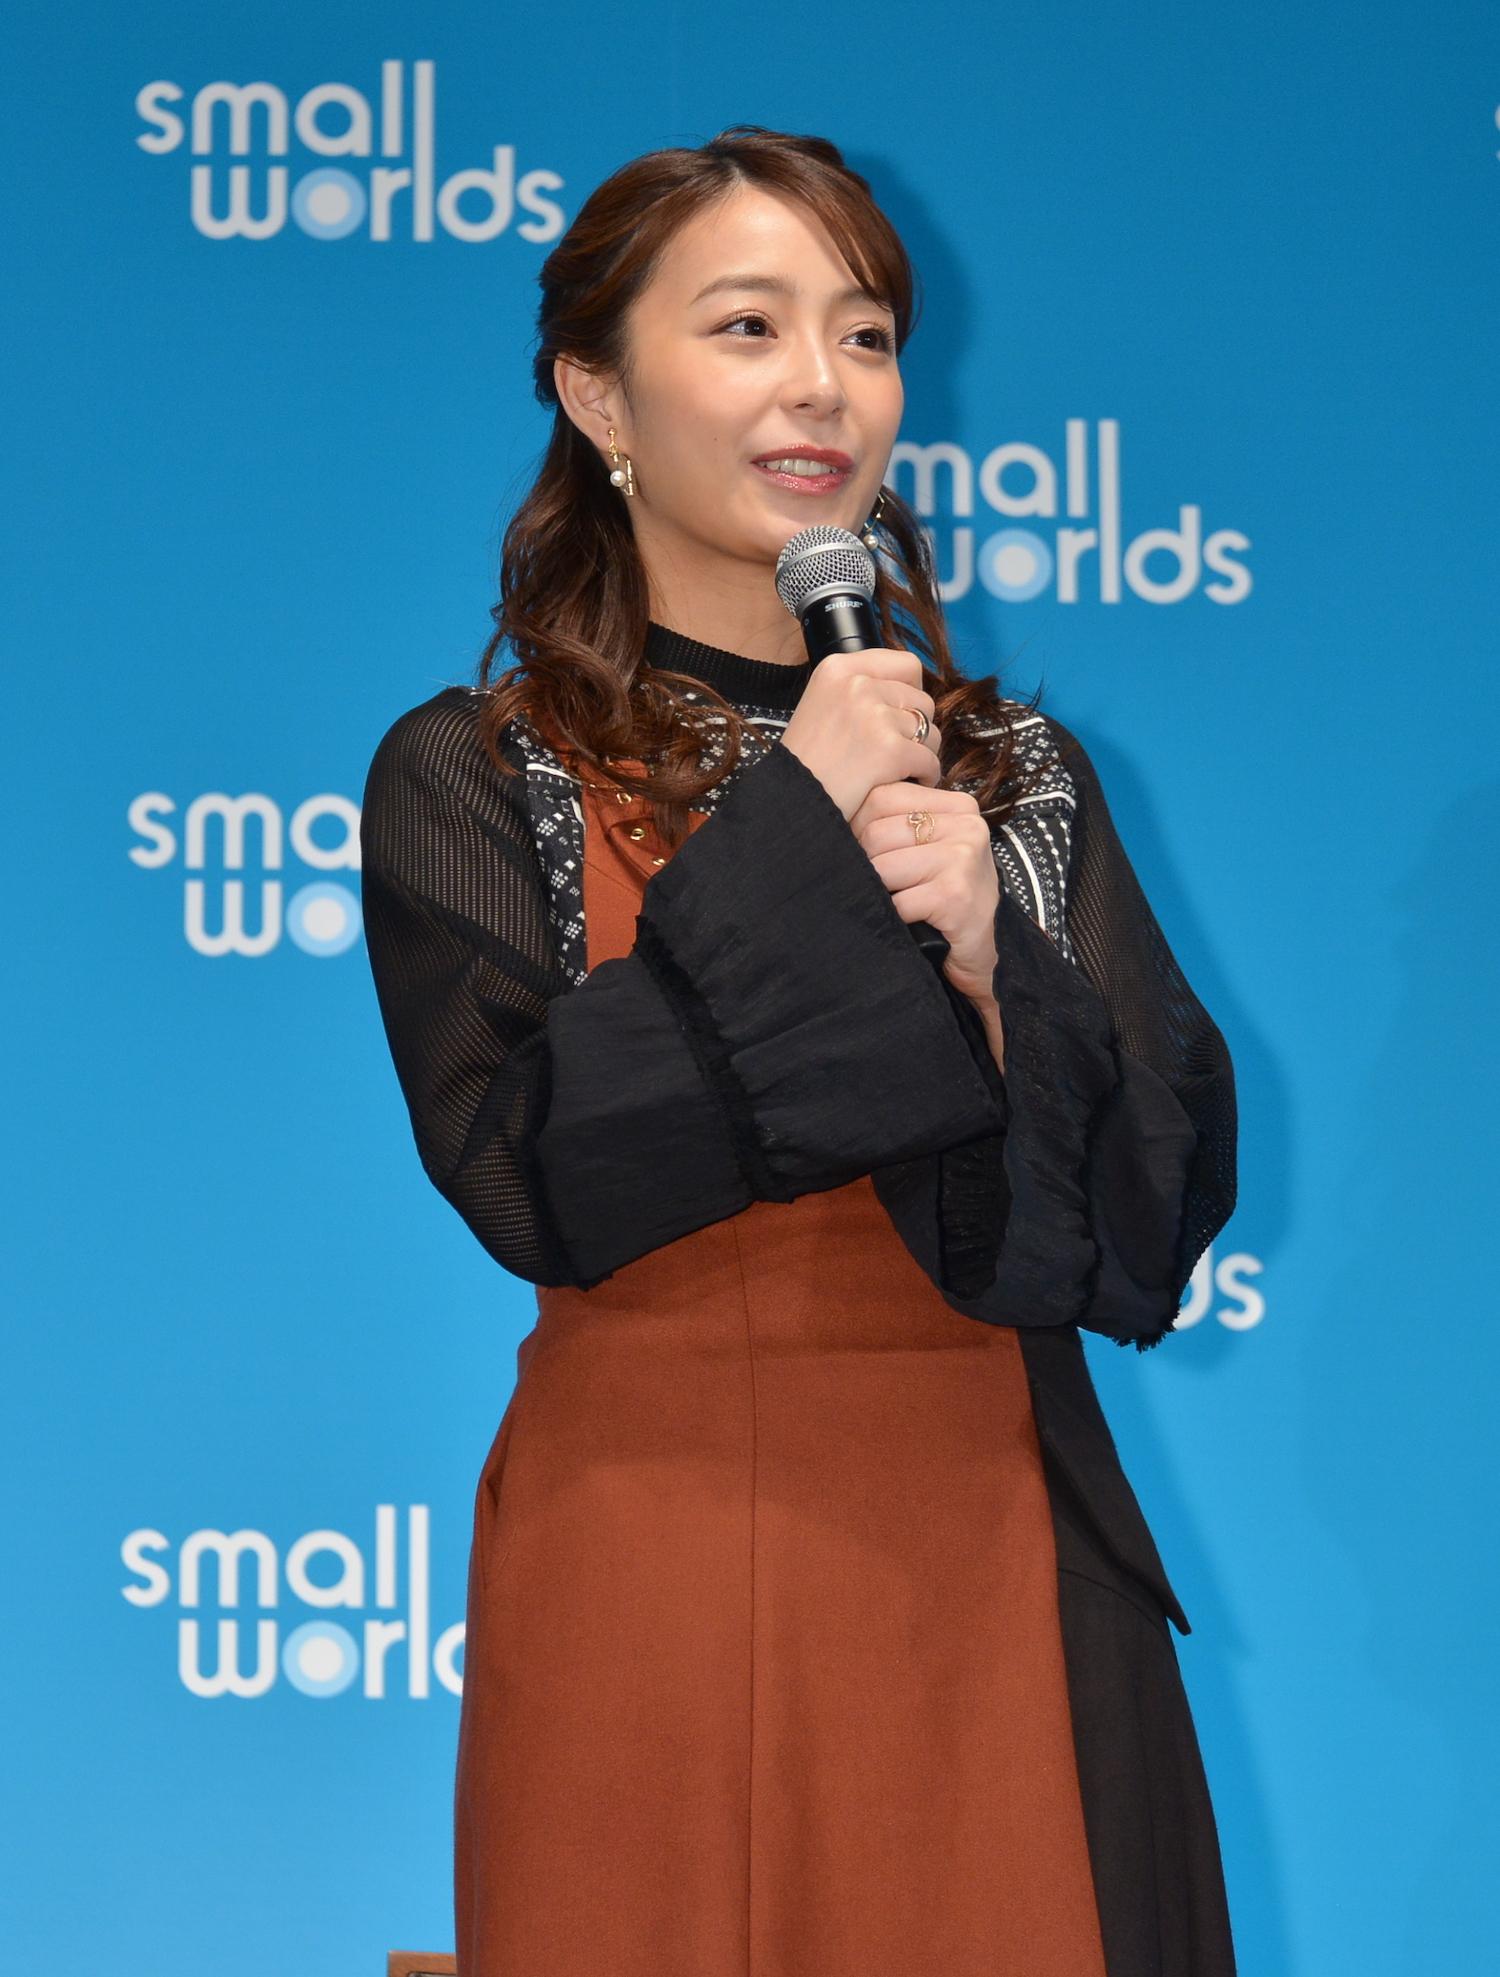 宇垣美里/「SMALL WORLDS TOKYO」プレス向け発表会 イベントにて(2019年11月28日)